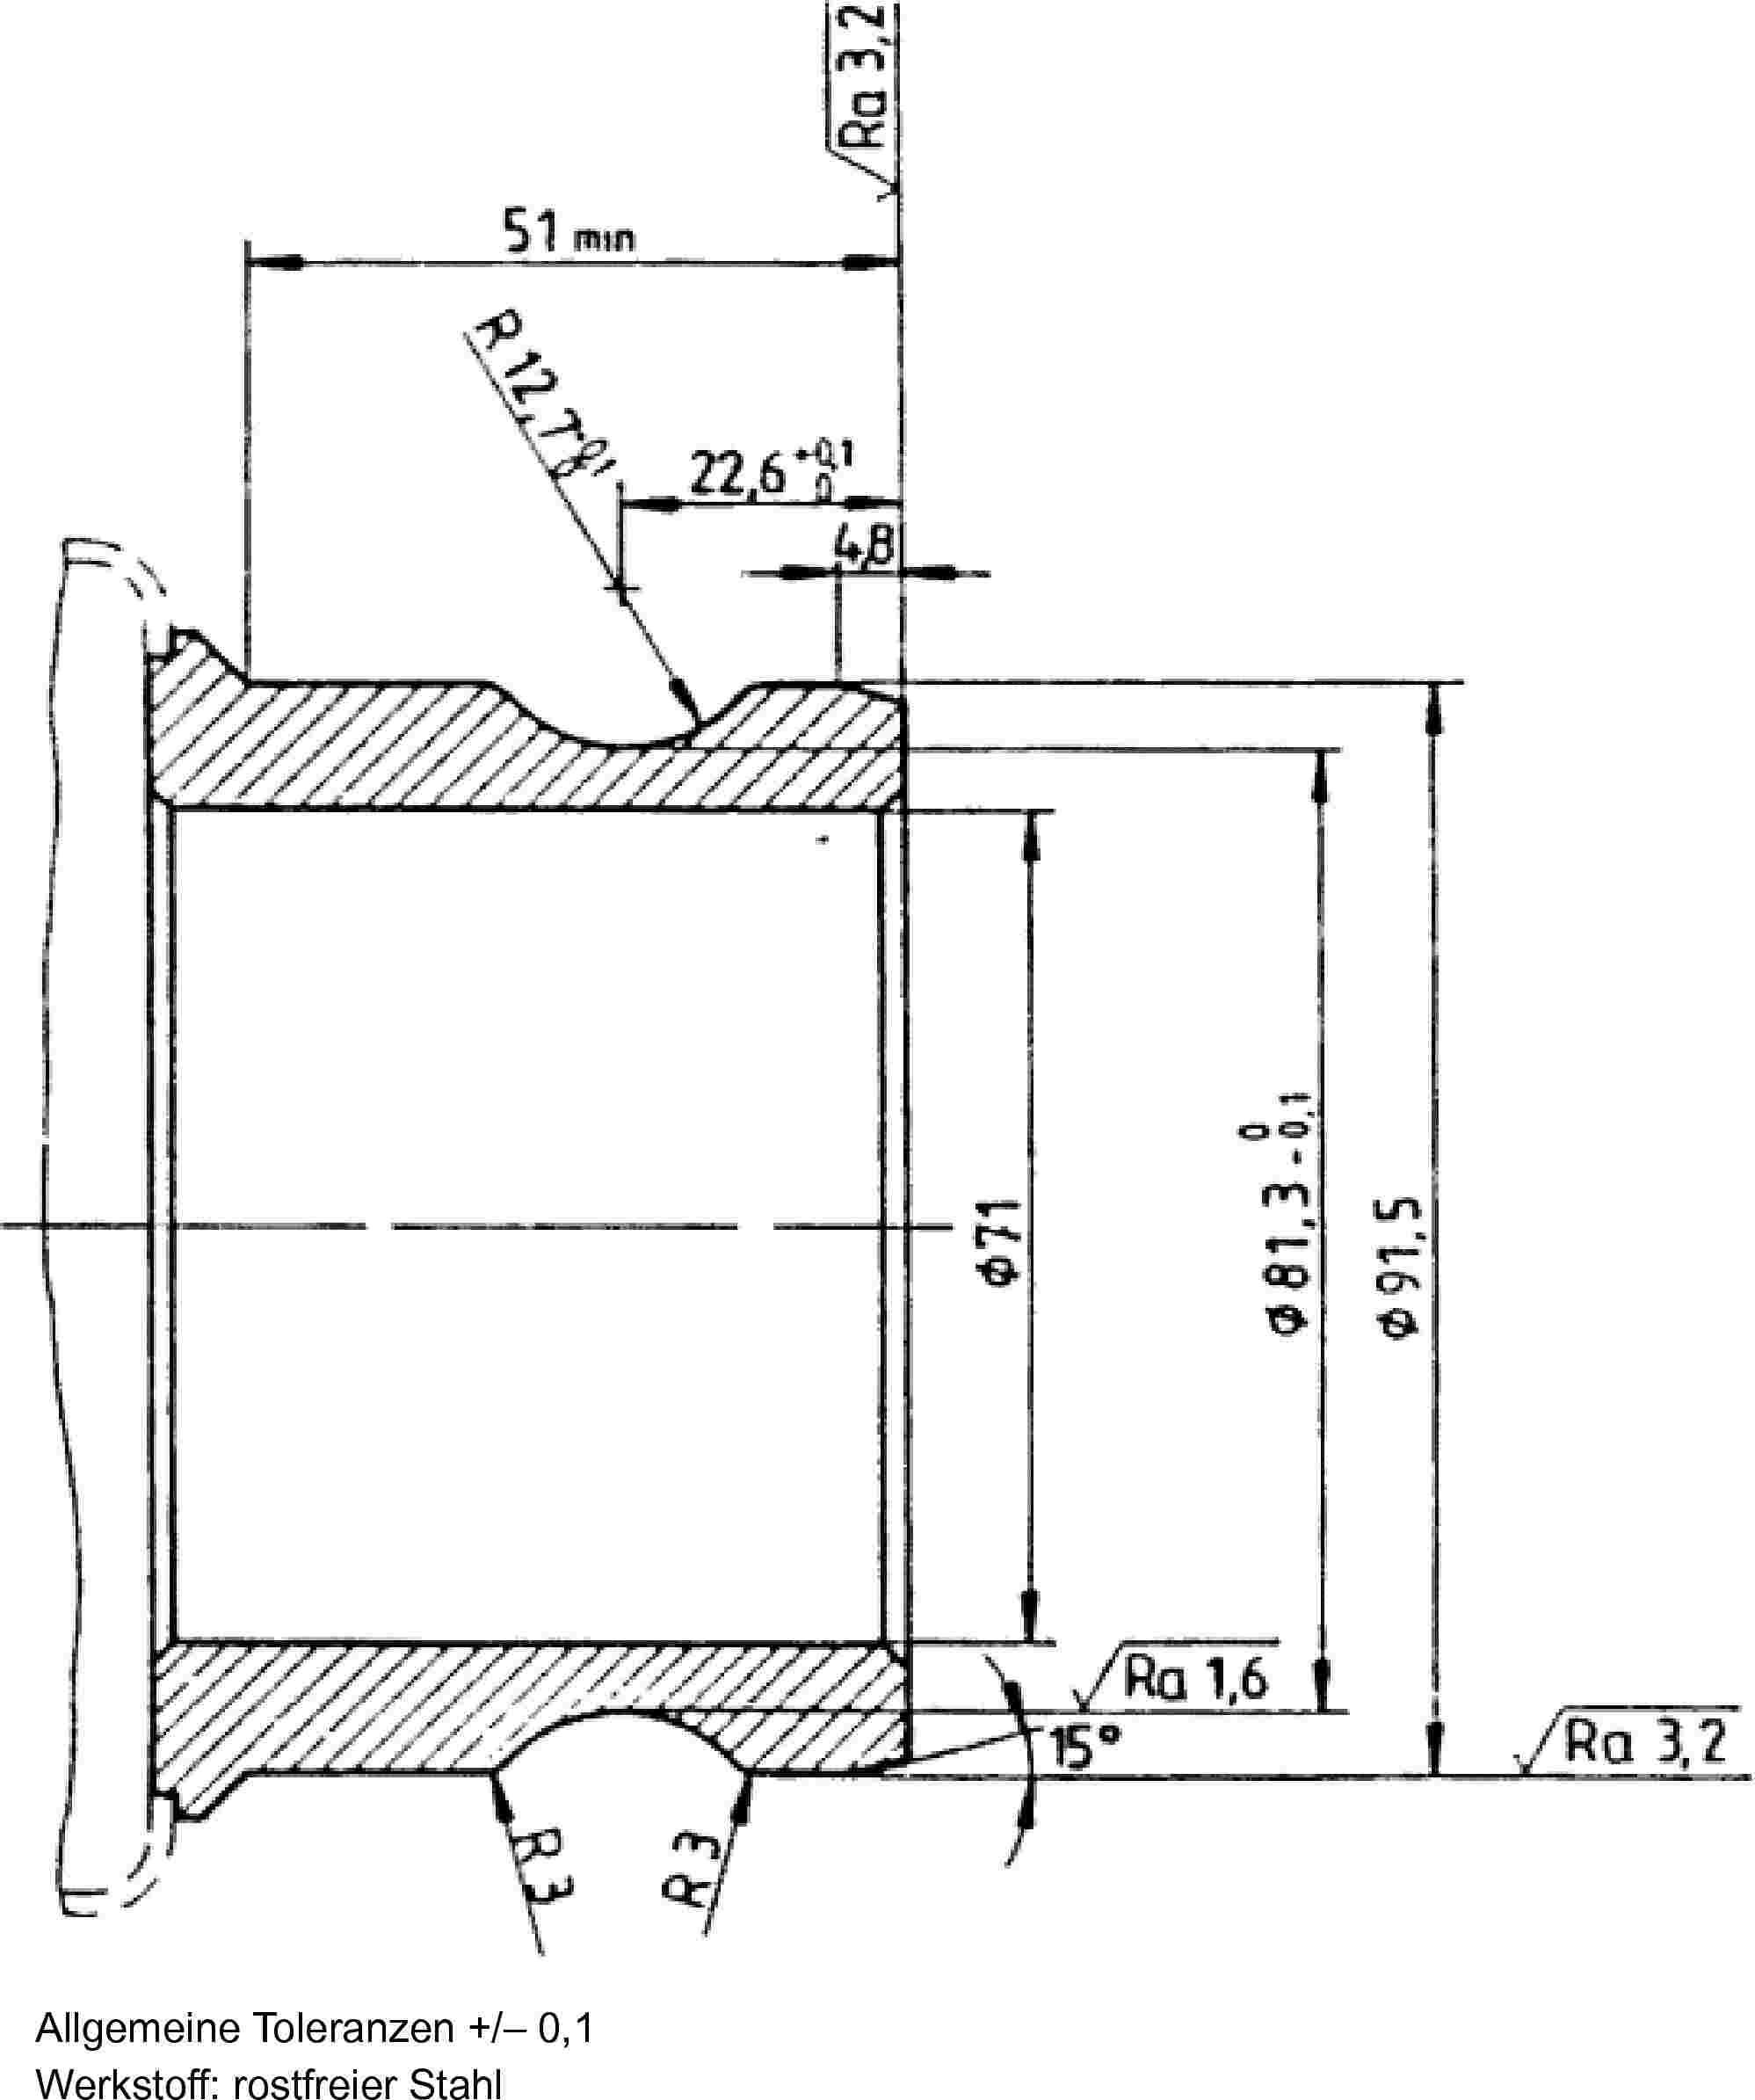 EUR-Lex - 02008D0232-20130124 - EN - EUR-Lex